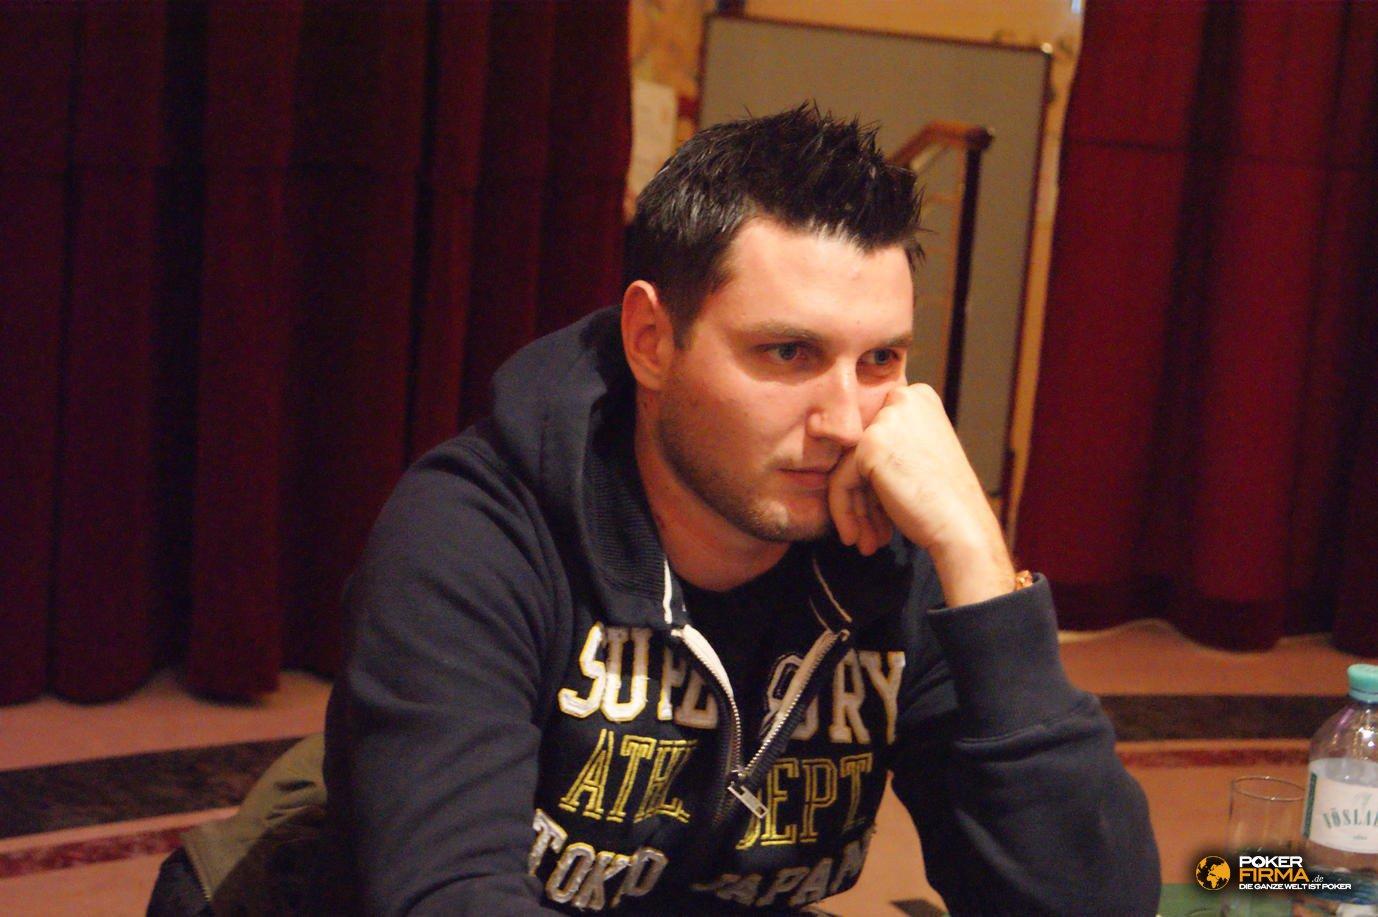 Poker_EM_2000_NLH_251011_Christian_Kitzmueller